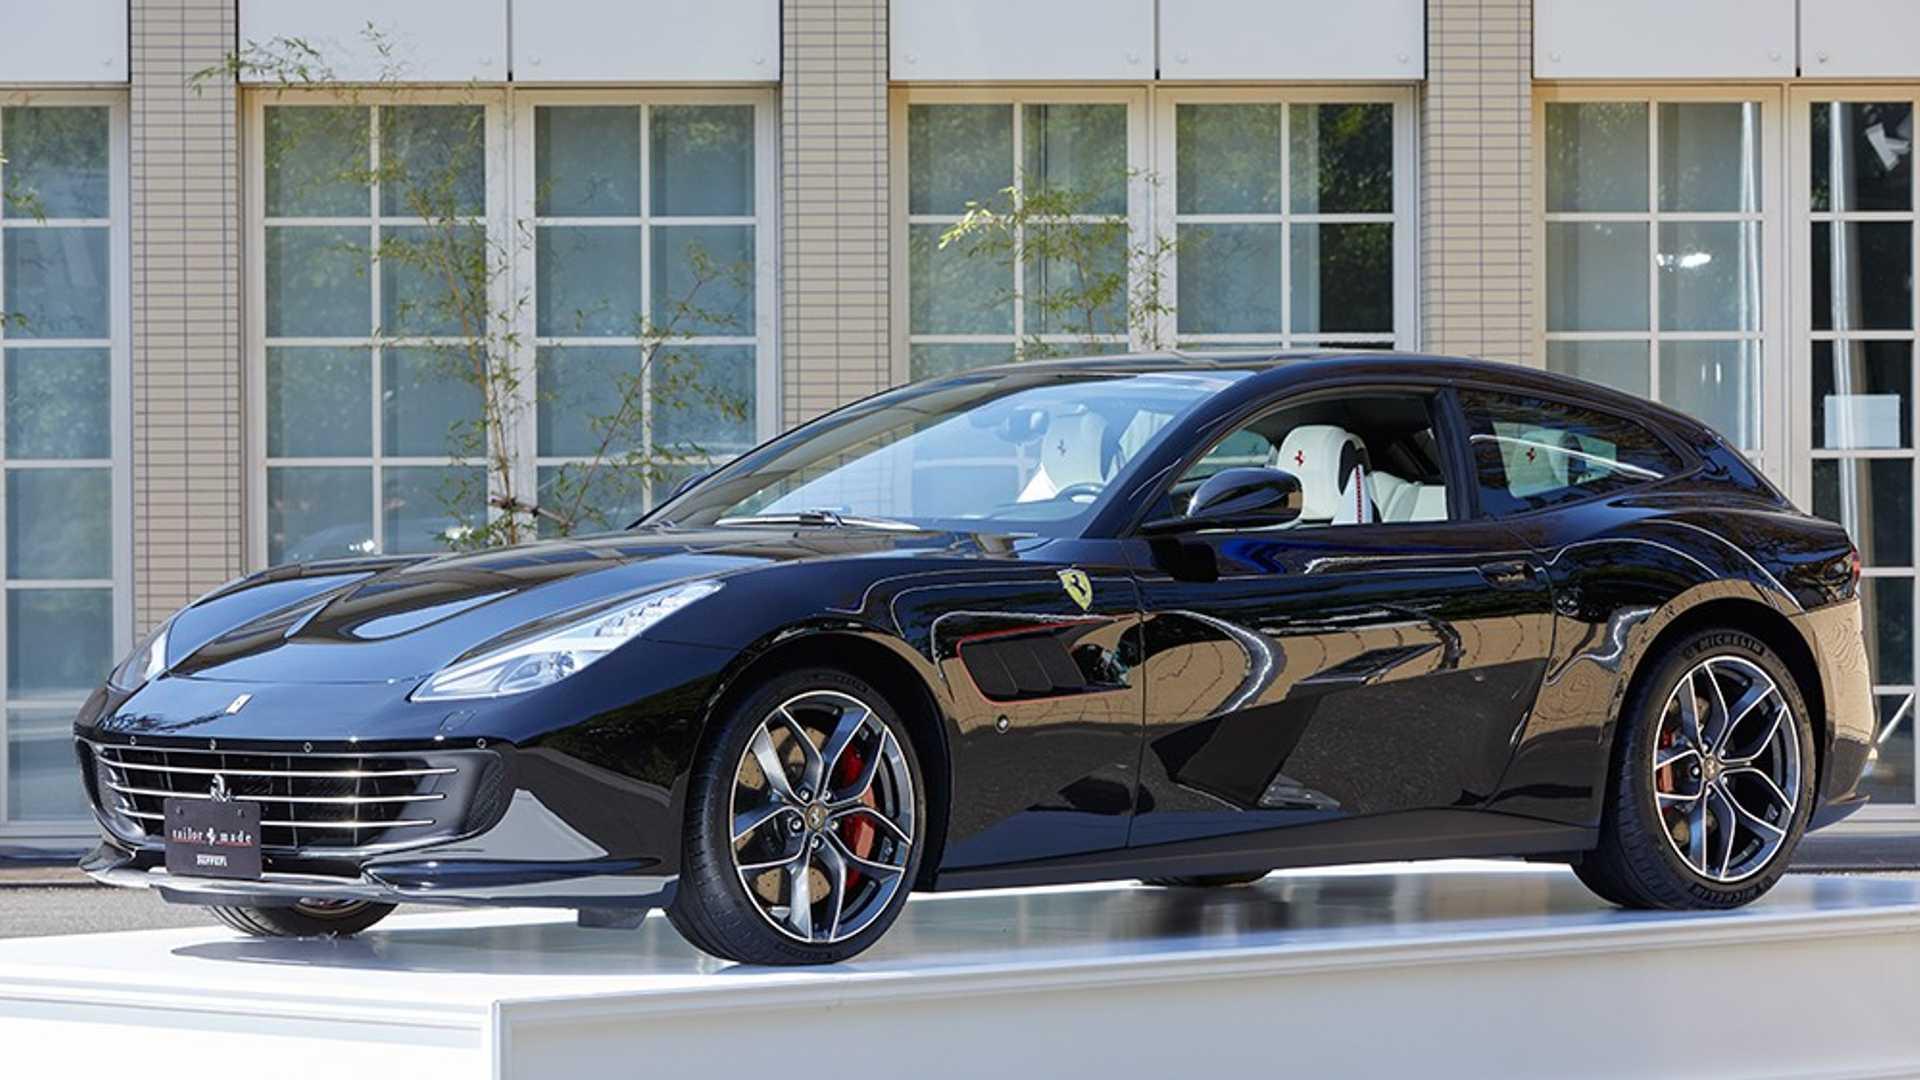 Ferrari представила 9 суперкаров программы Tailor Made в Японии 1